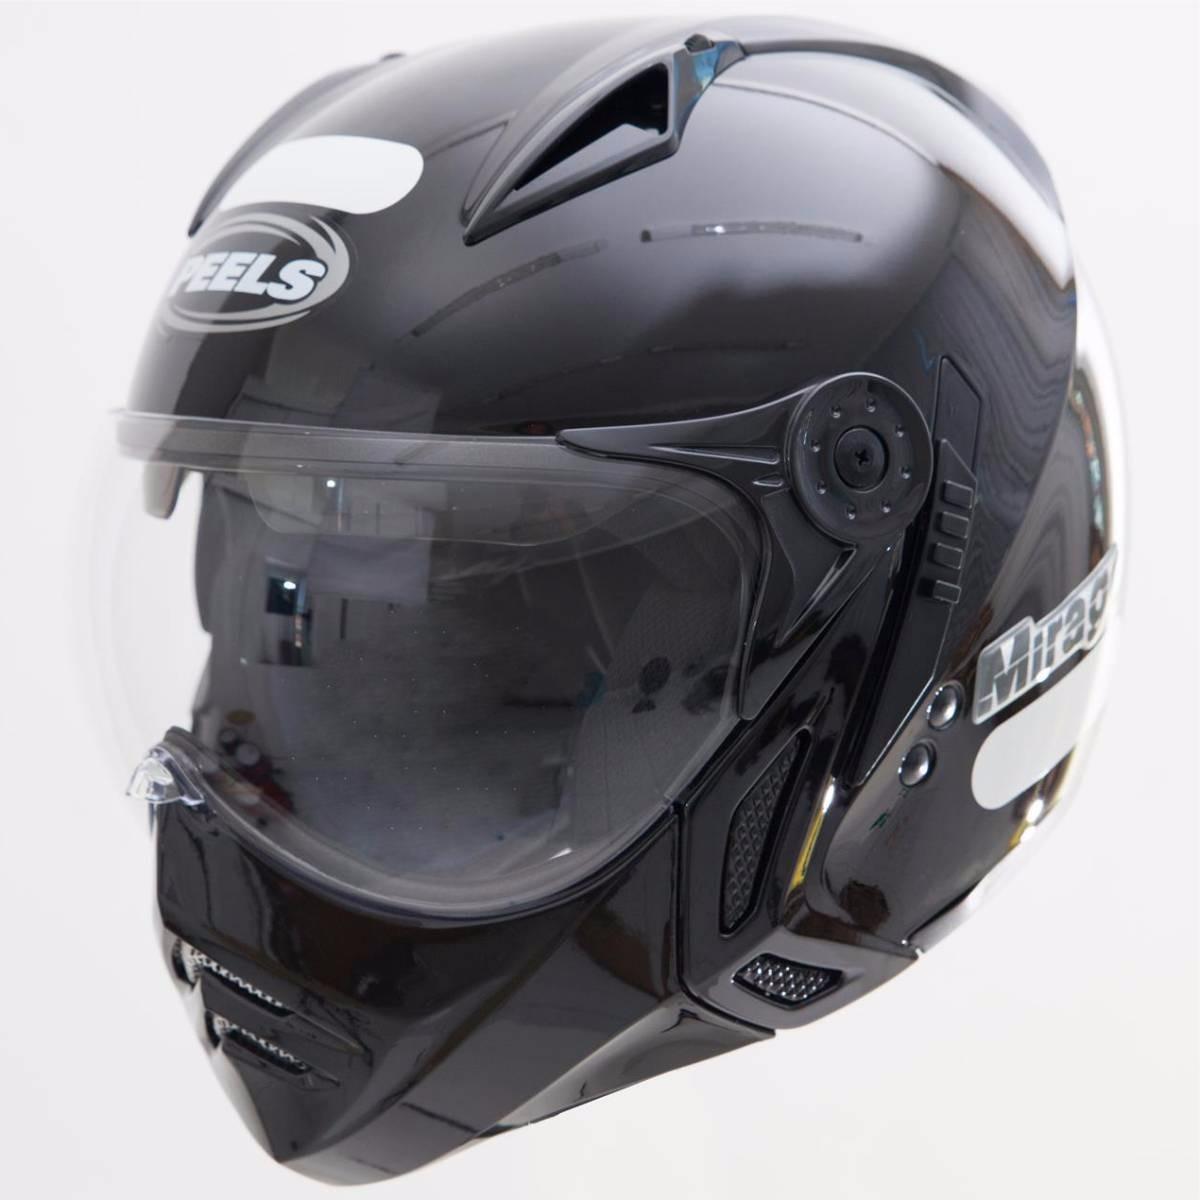 31a67549872ce capacete peels mirage classic preto com óculos interno fumê. Carregando  zoom.